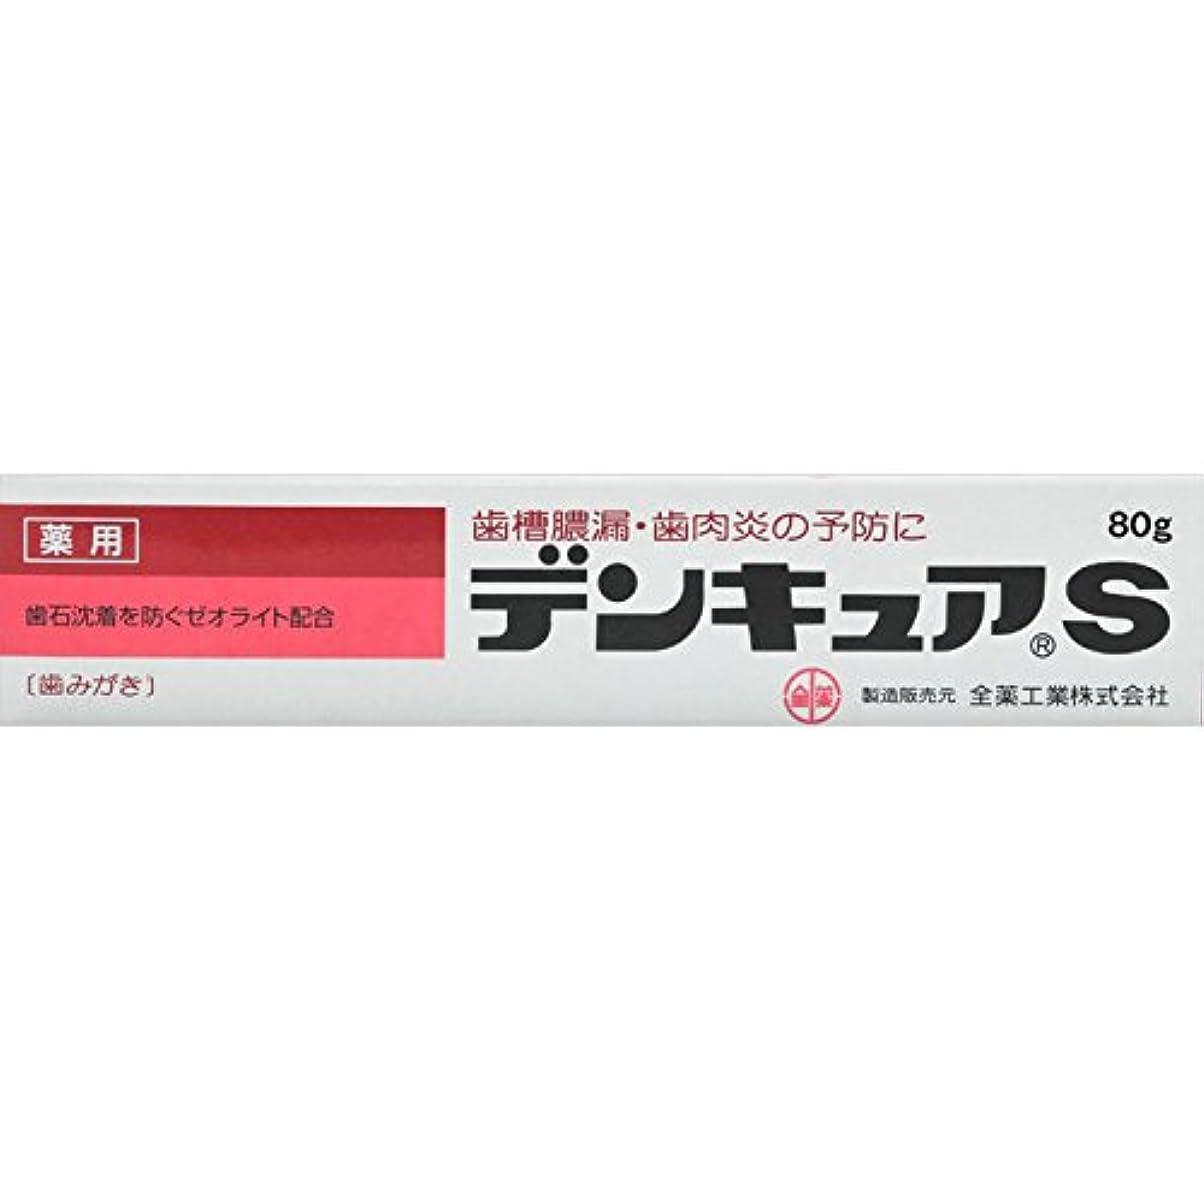 安心させる飲食店疑い全薬工業 デンキュアS 80g (医薬部外品)